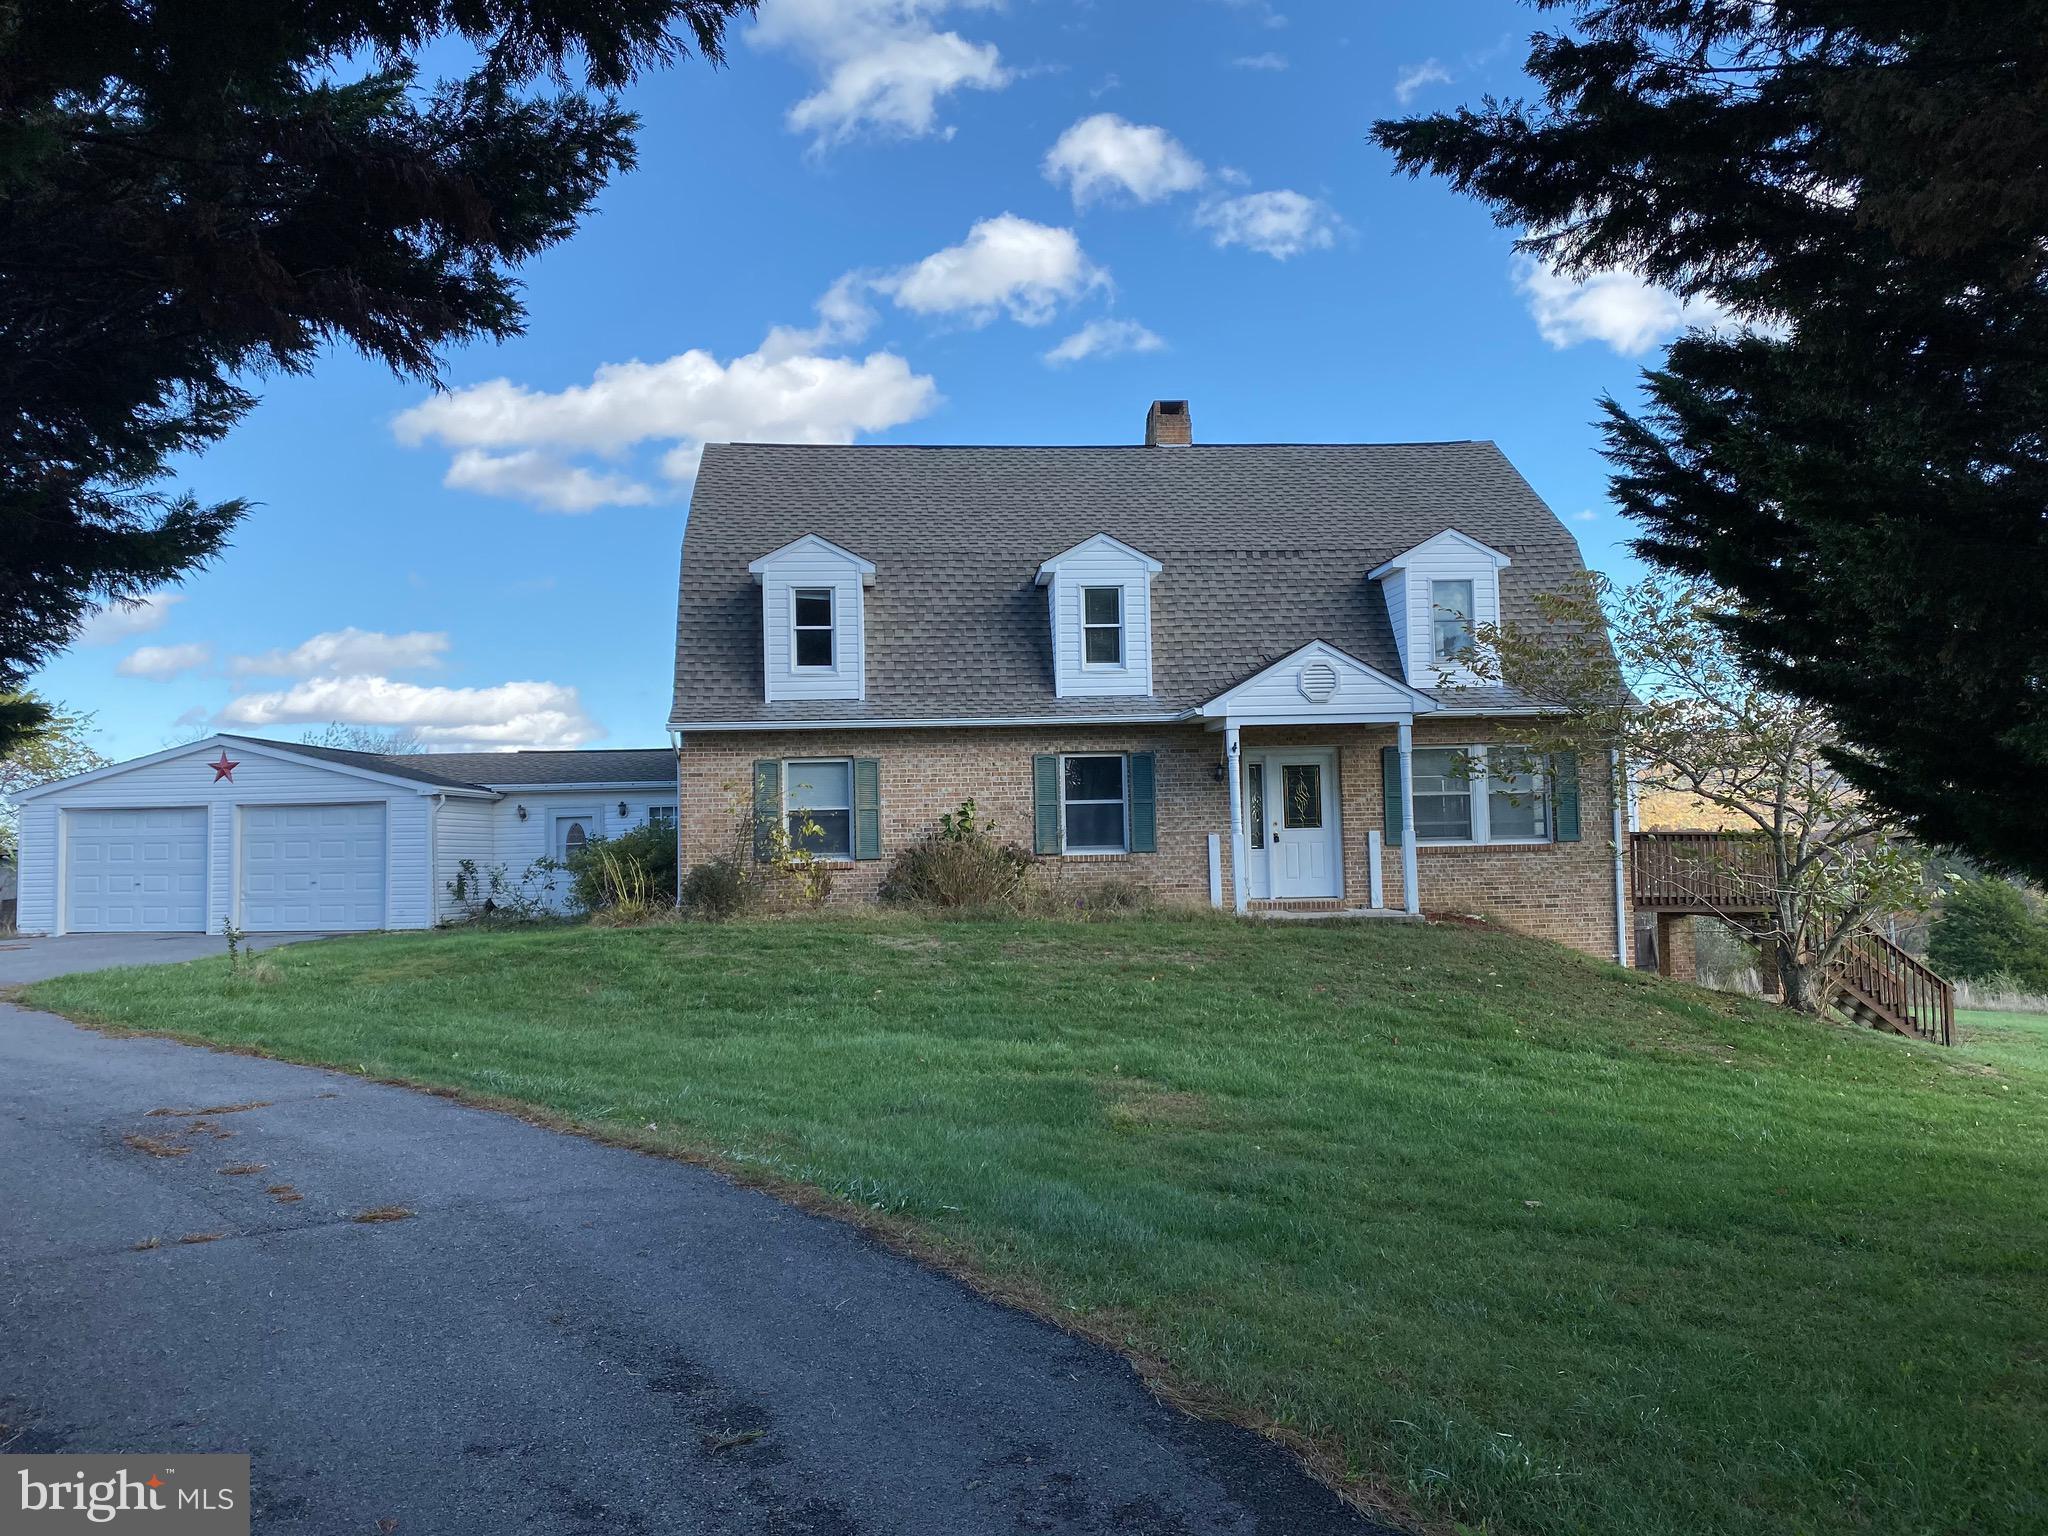 homes for sale in berkeley springs wv